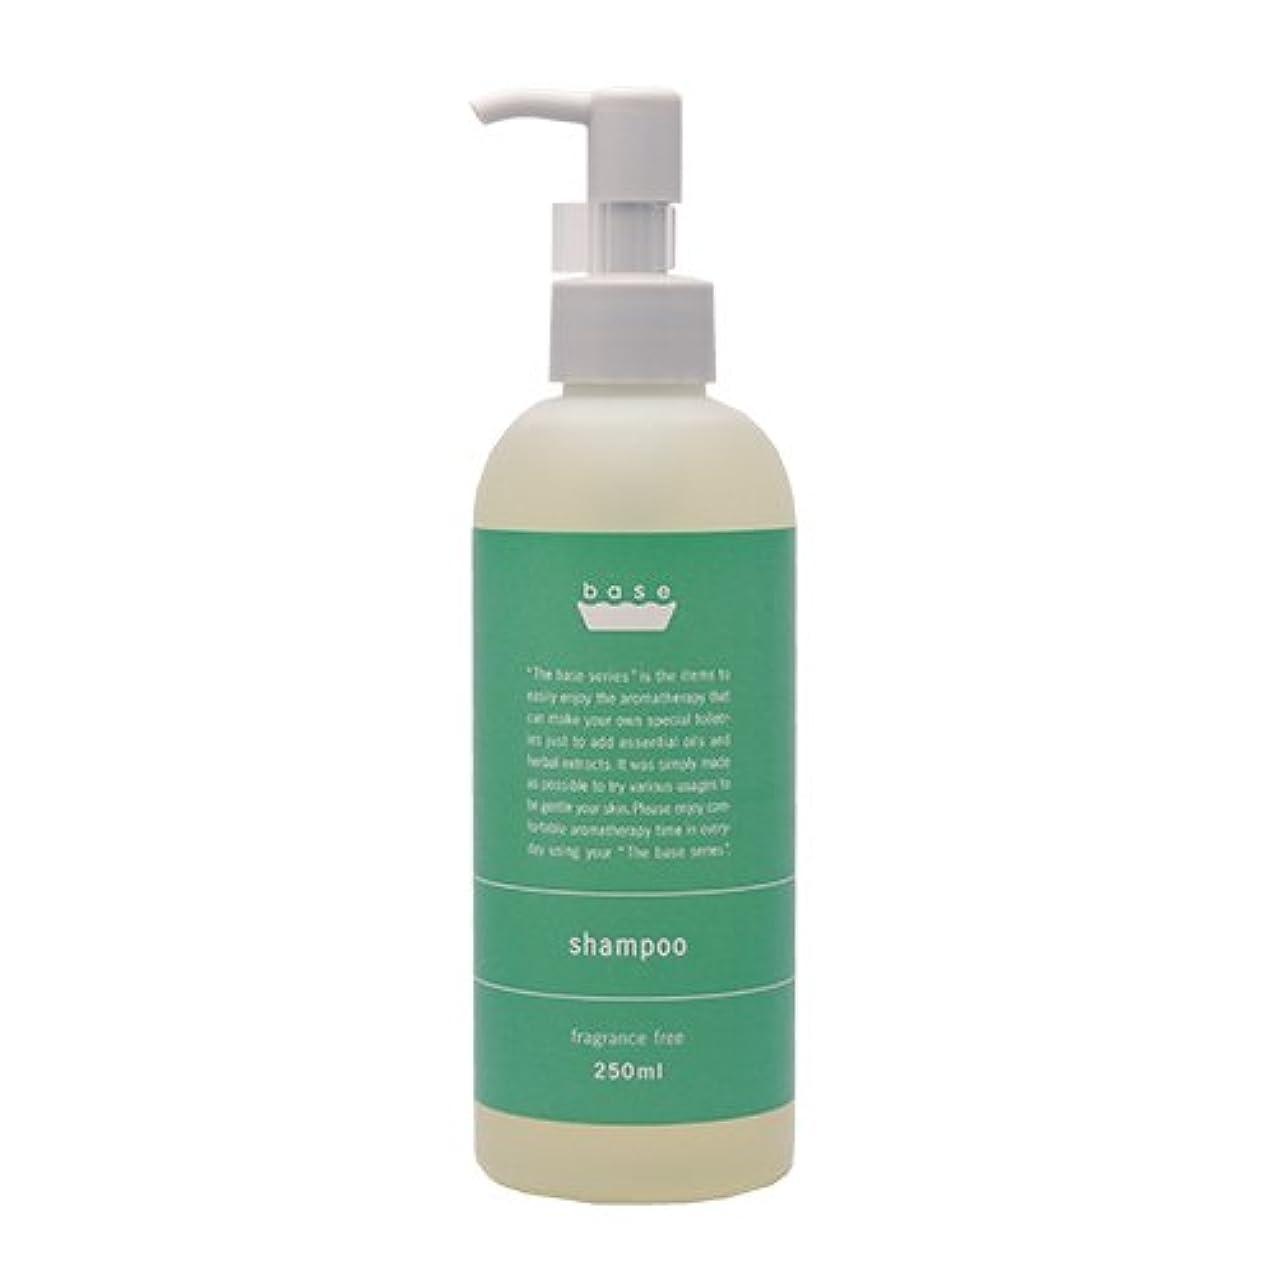 パンサー溝ボランティアbase shampoo(ベースシャンプー)250ml